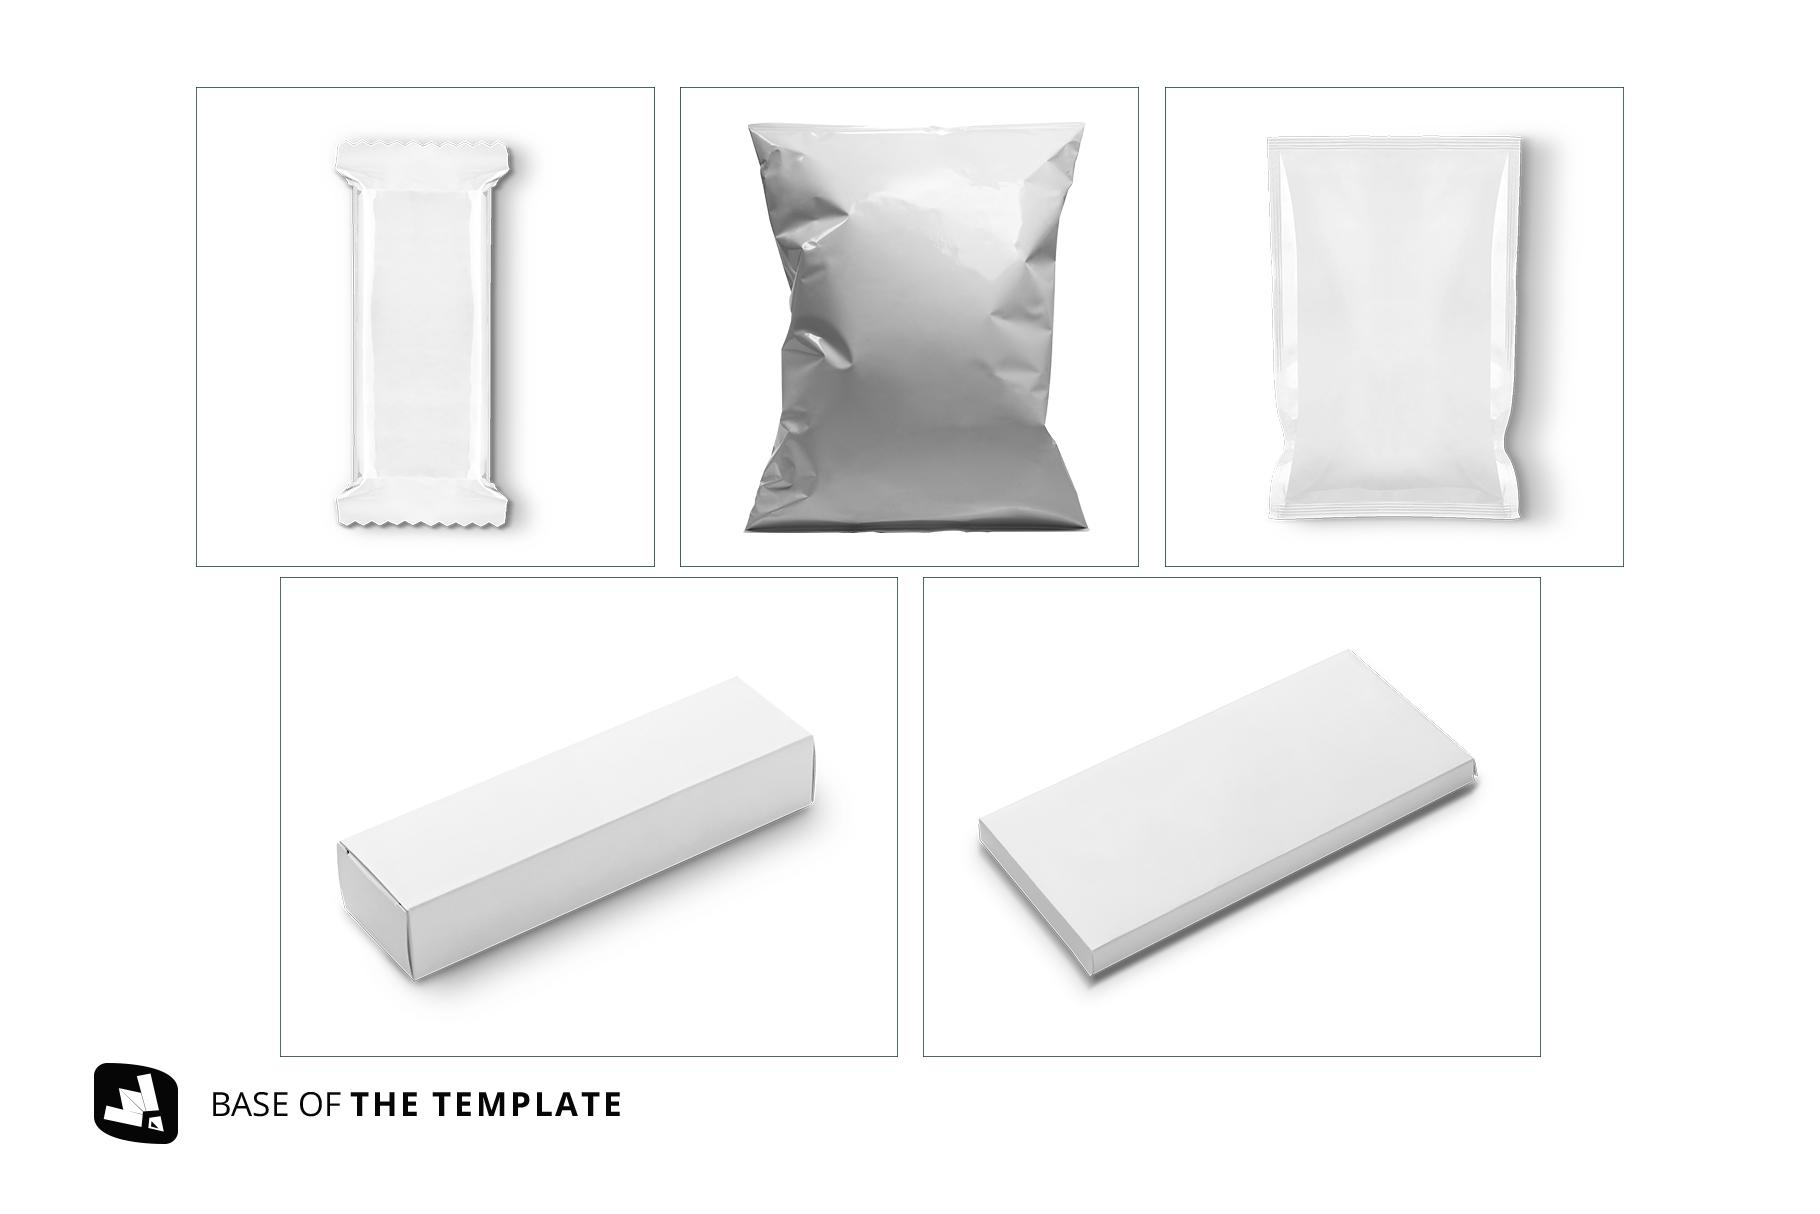 base images of the snack packaging mockup bundle